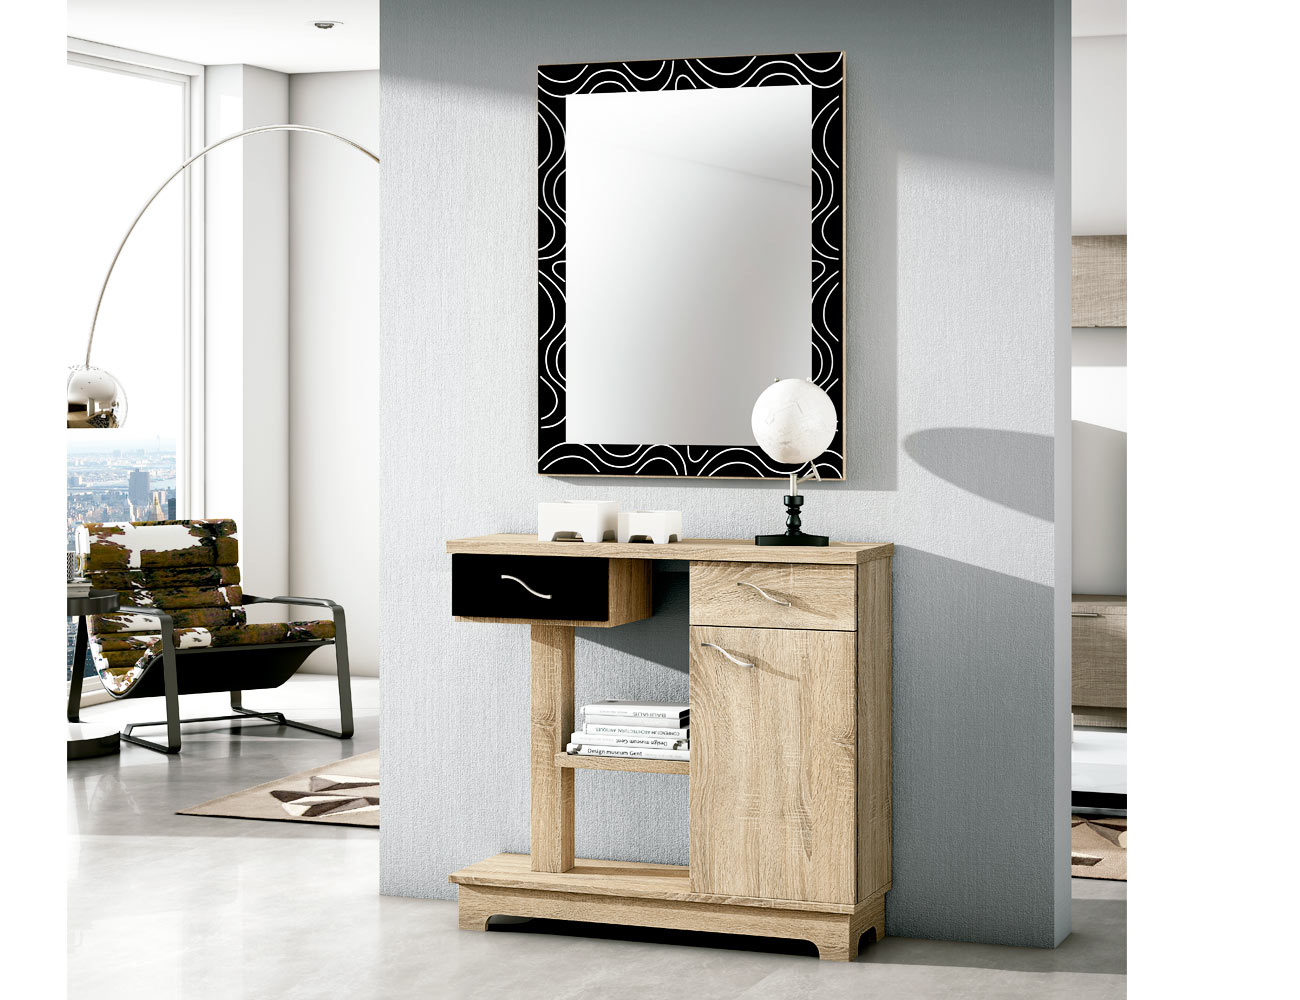 Mueble recibidor con espejo cambrian negro 66